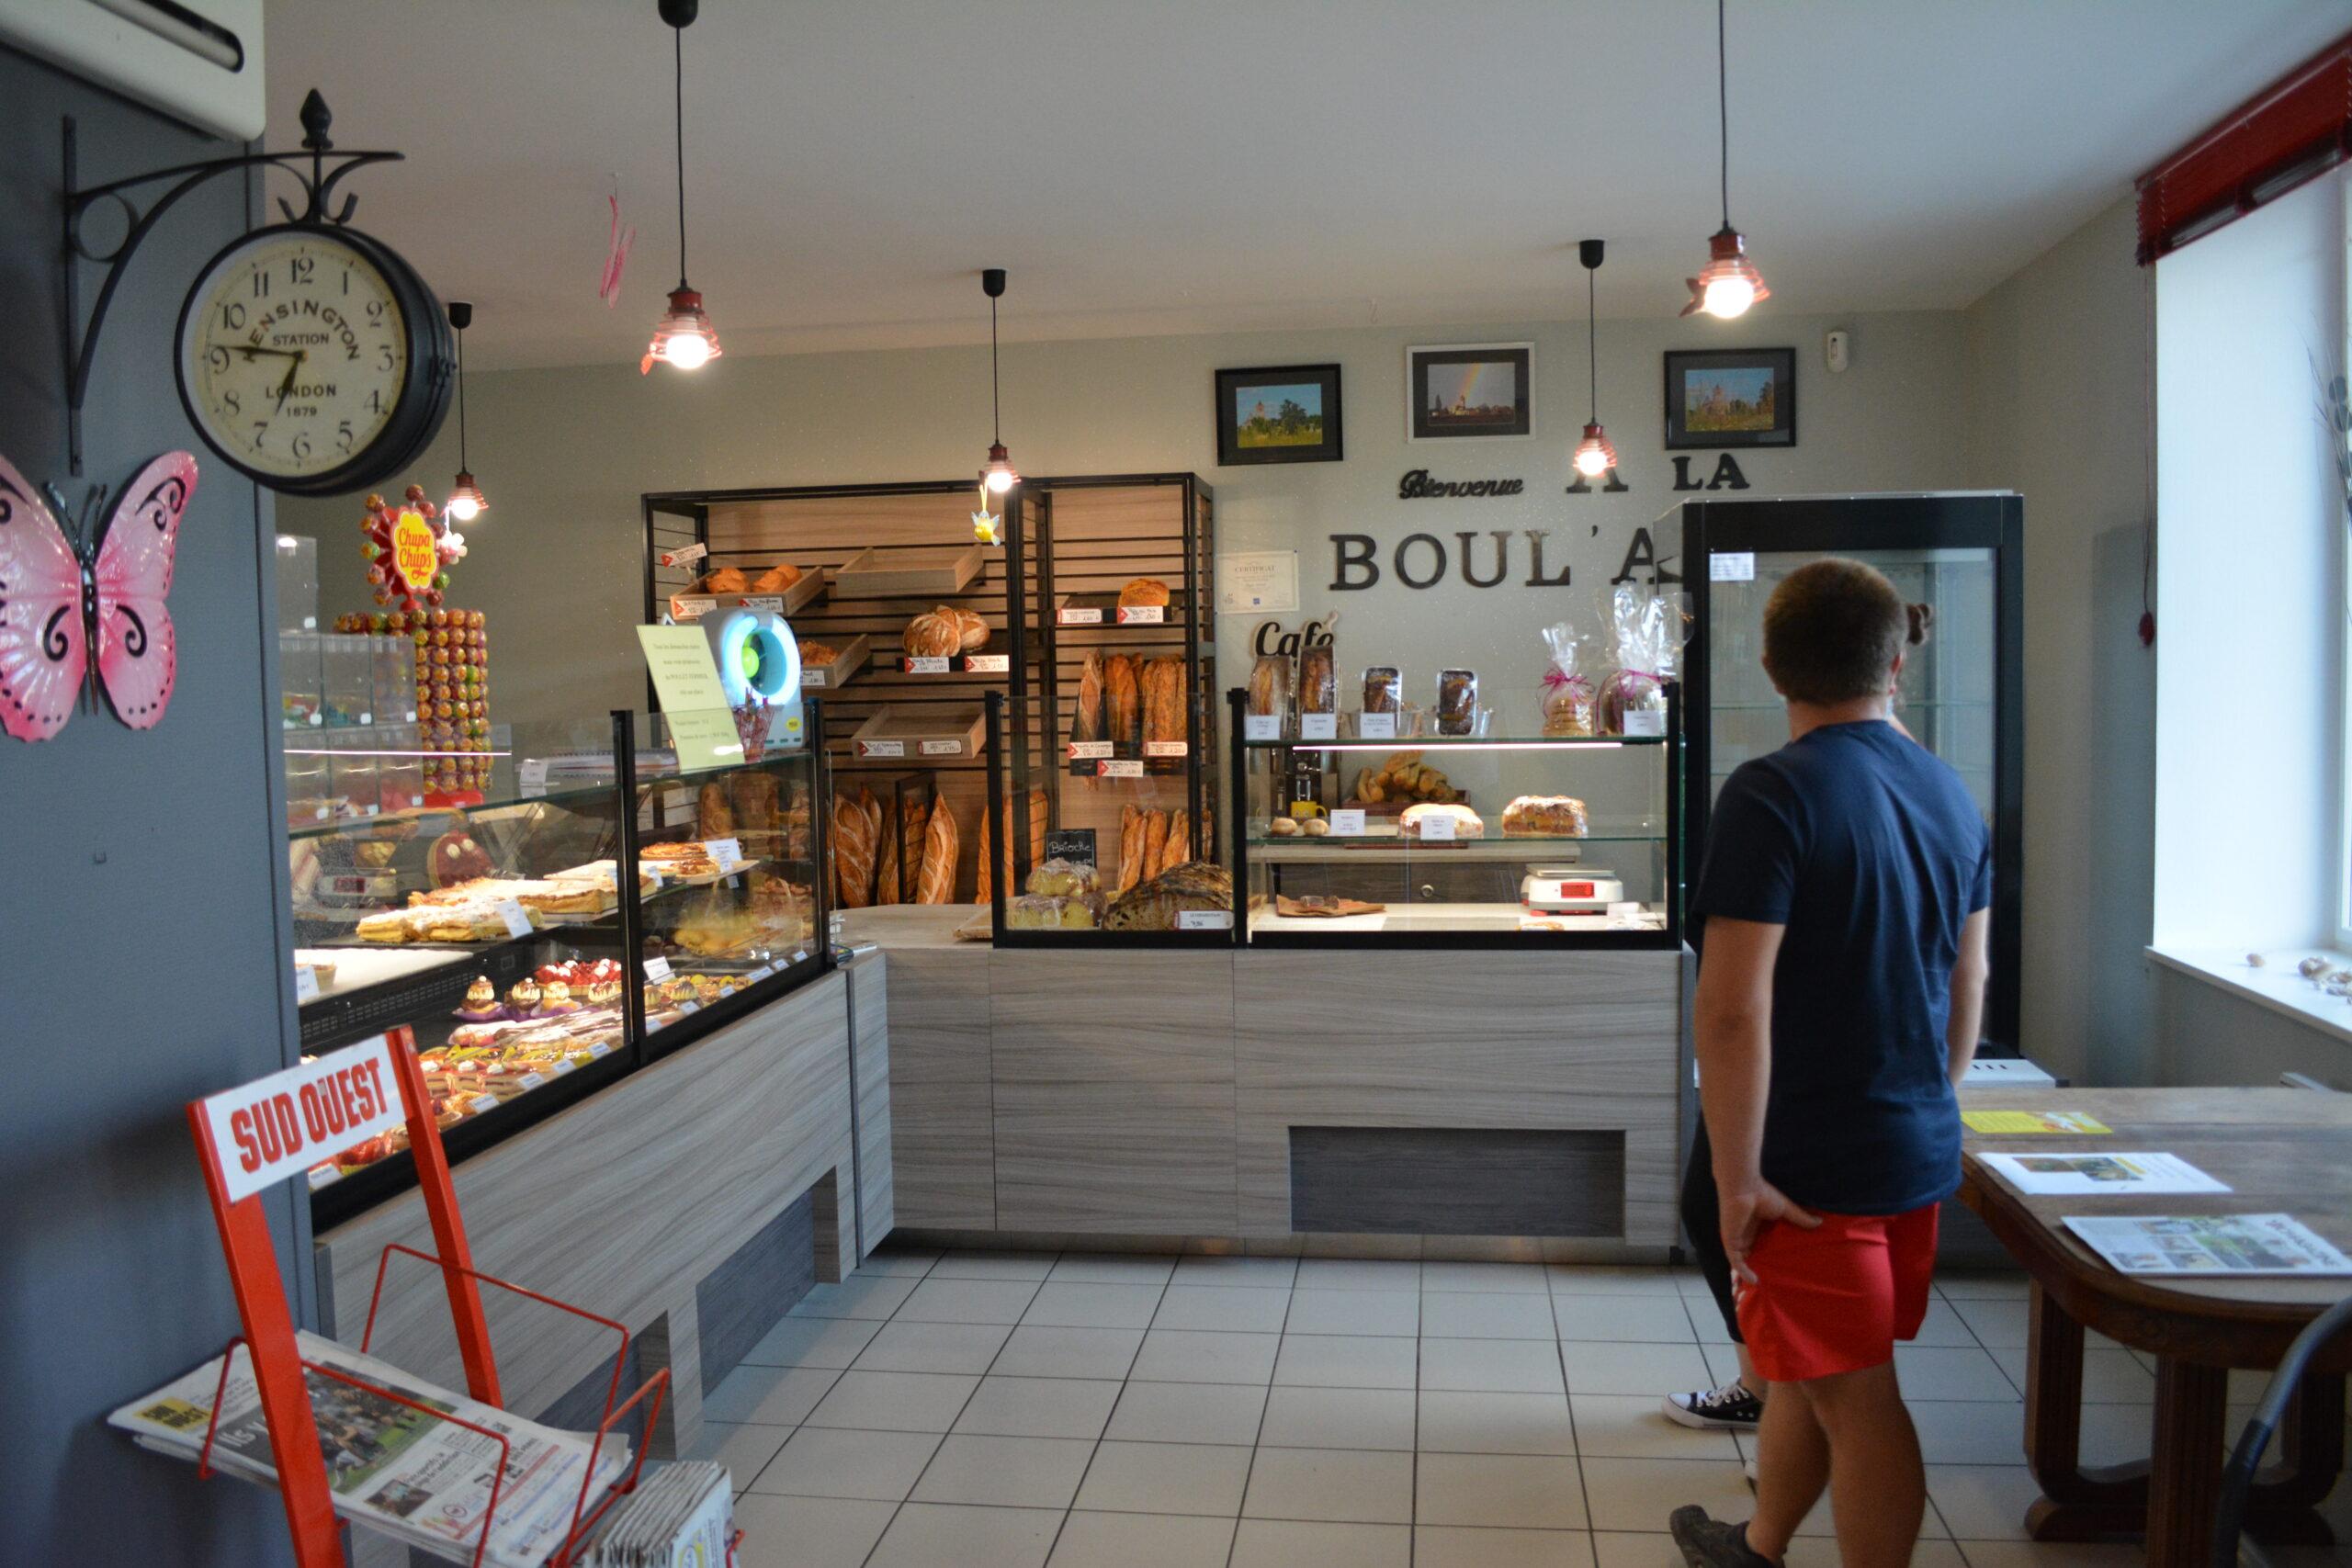 Boulangerie de Sablonceaux